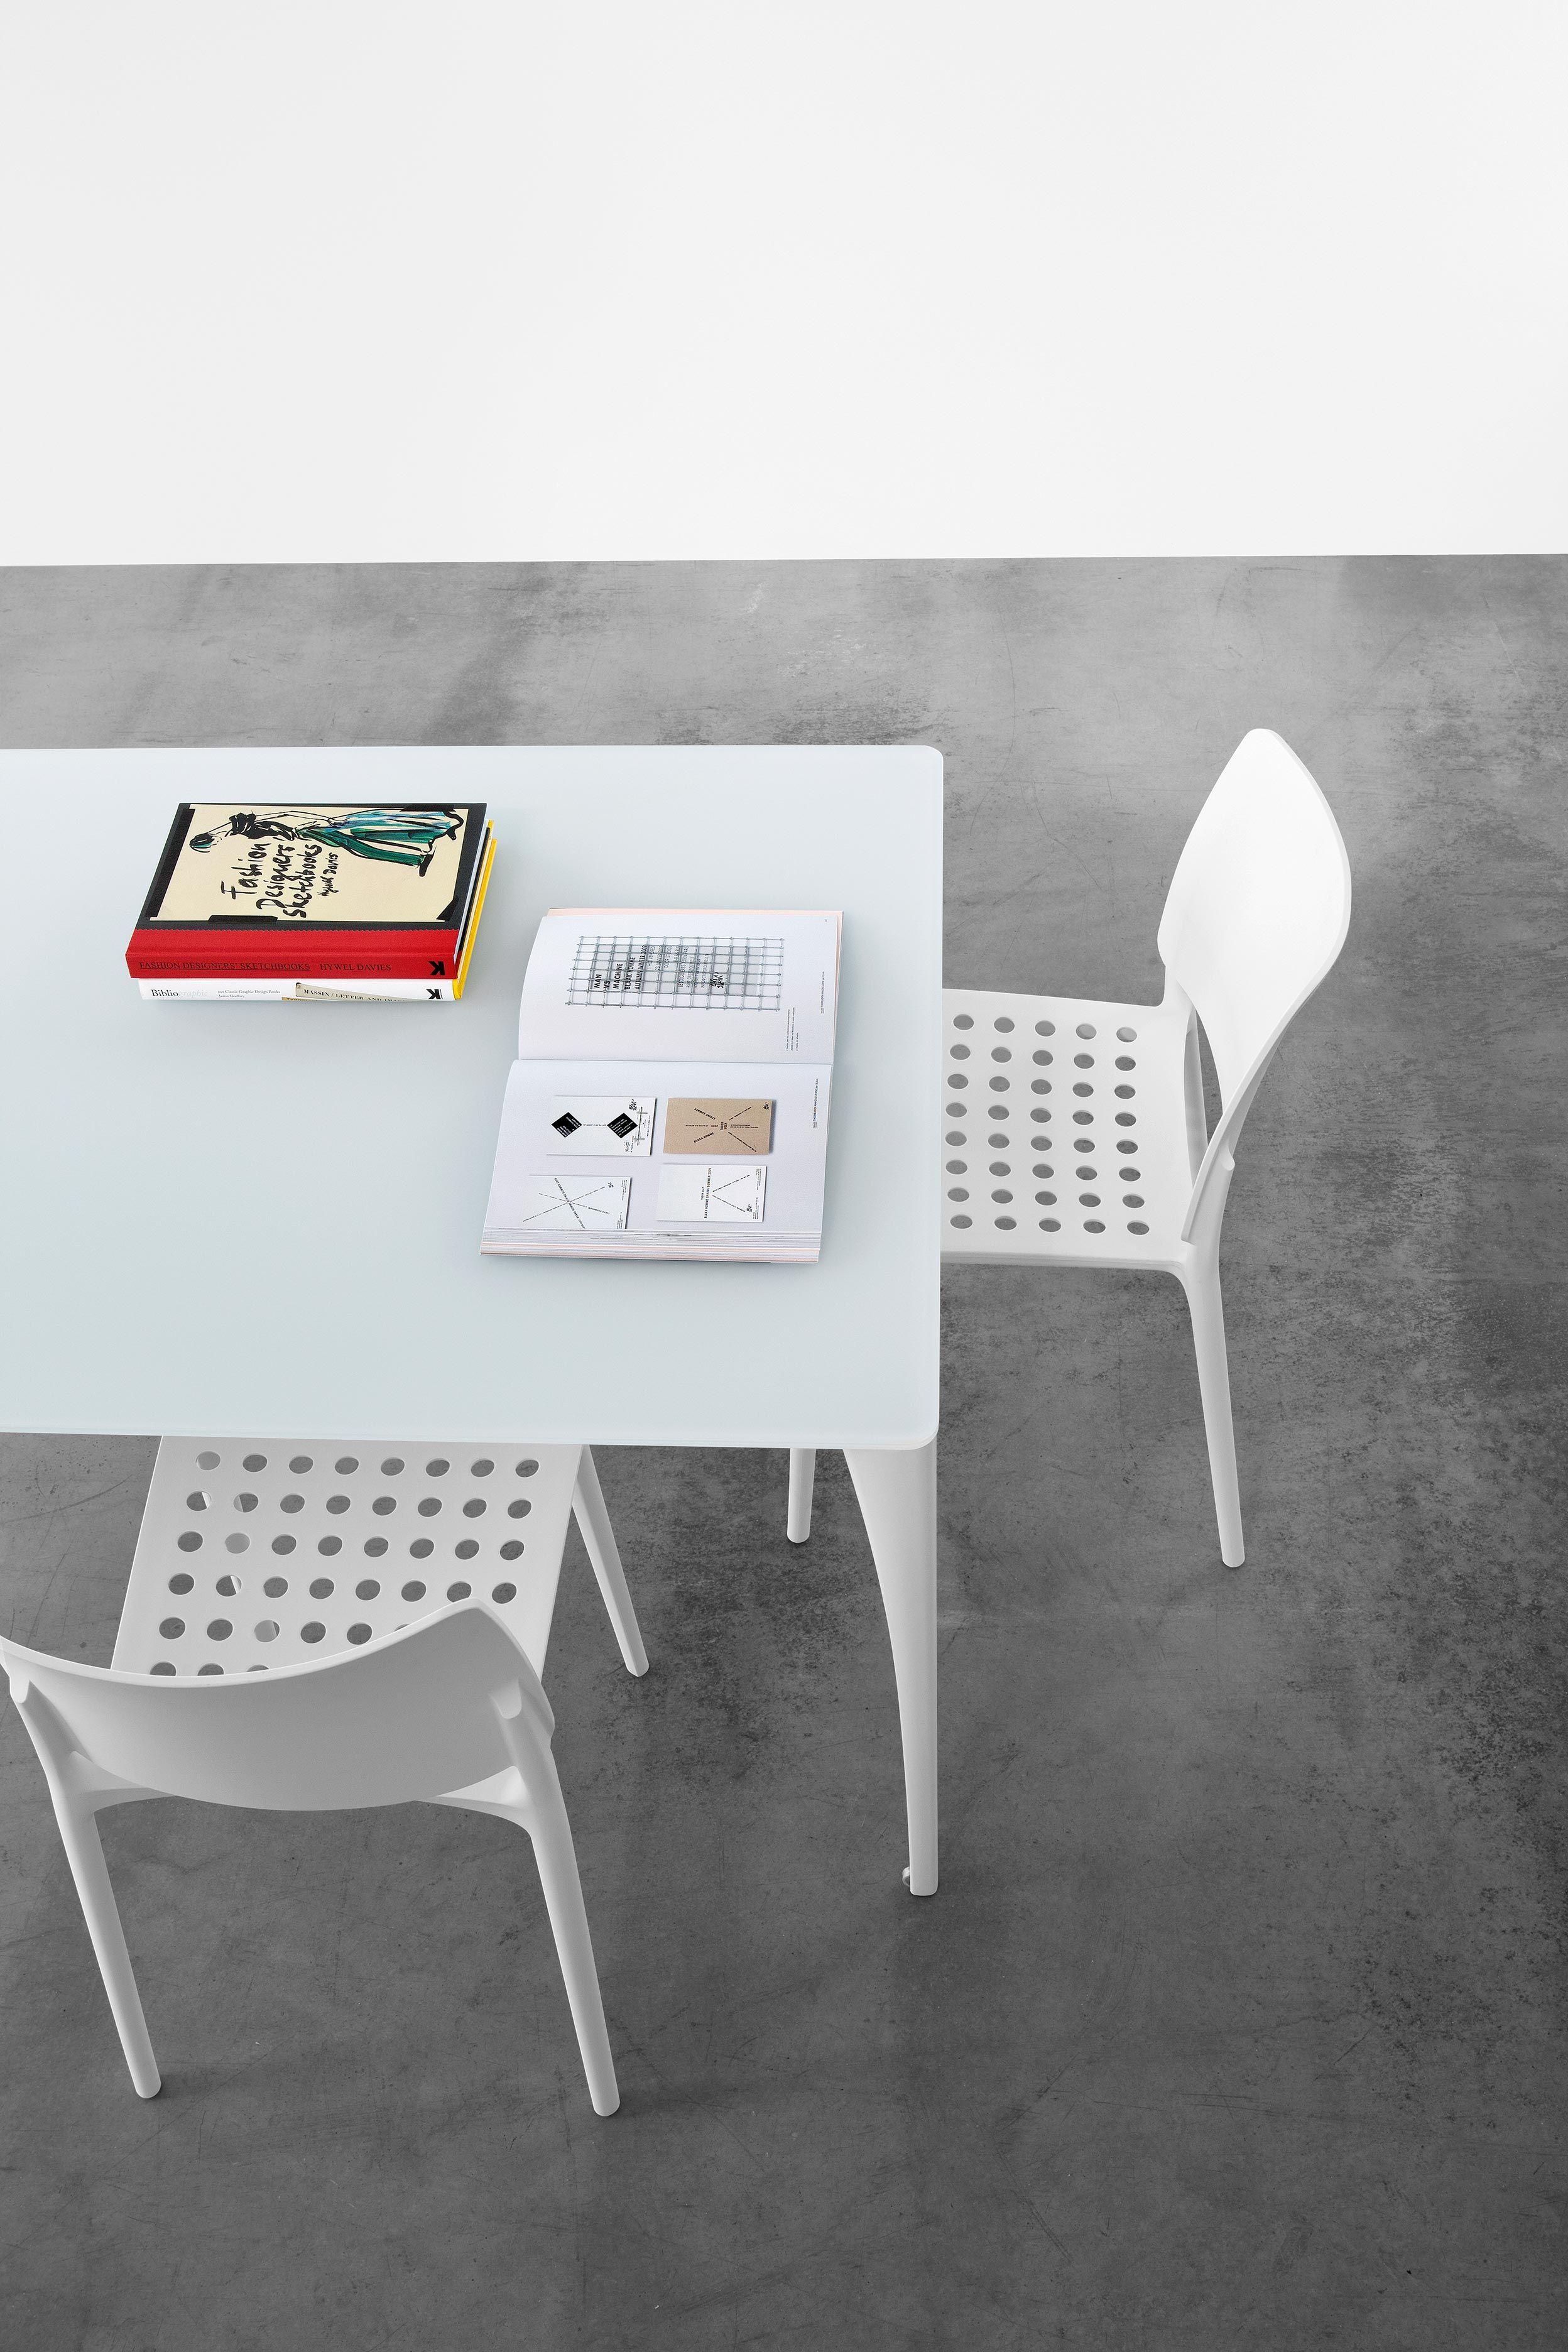 topdeq office furniture. olivia stapelstuhl für konferenzraum, meetingraum, wartebereich von rexite, raul barbieri topdeq - büromöbel \u0026 -accessoires! | tes 2013 office pinterest furniture